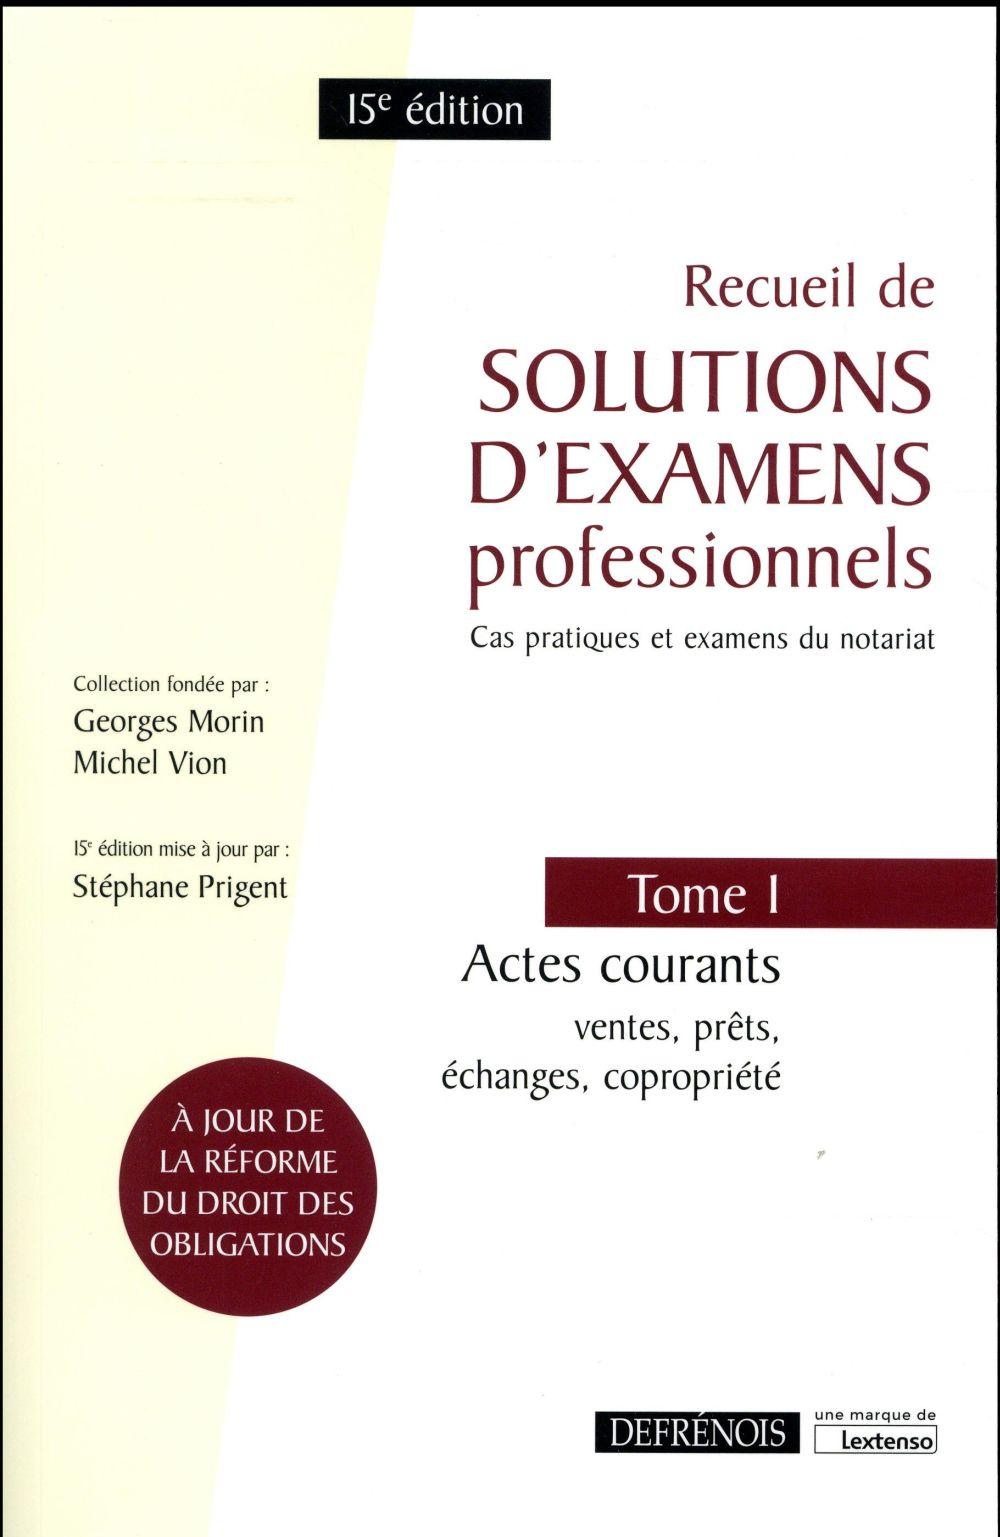 Recueil de solutions d'examens professionnels t.1 ; actes courants : ventes, prêts, échanges, copropriété (15e édition)